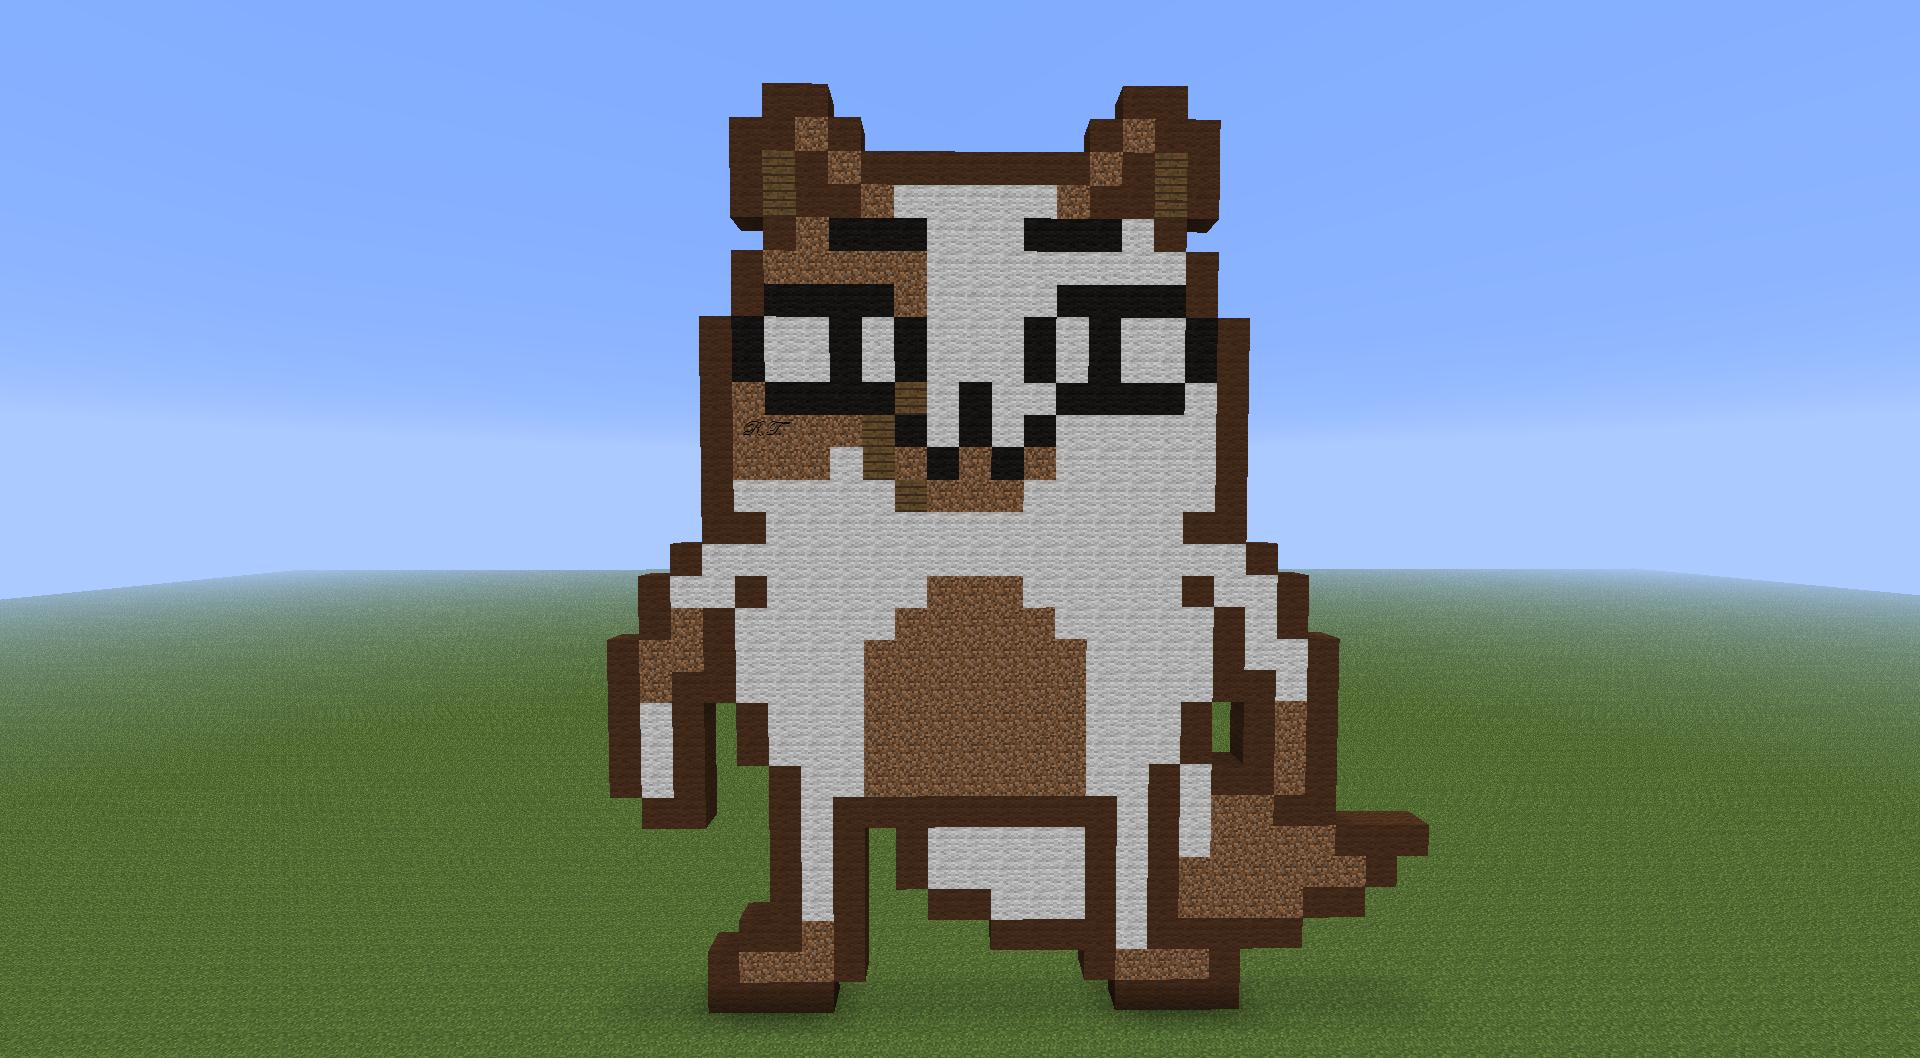 Cake Pixel Art Minecraft : Cake Minecraft by BakaHentai90 on DeviantArt